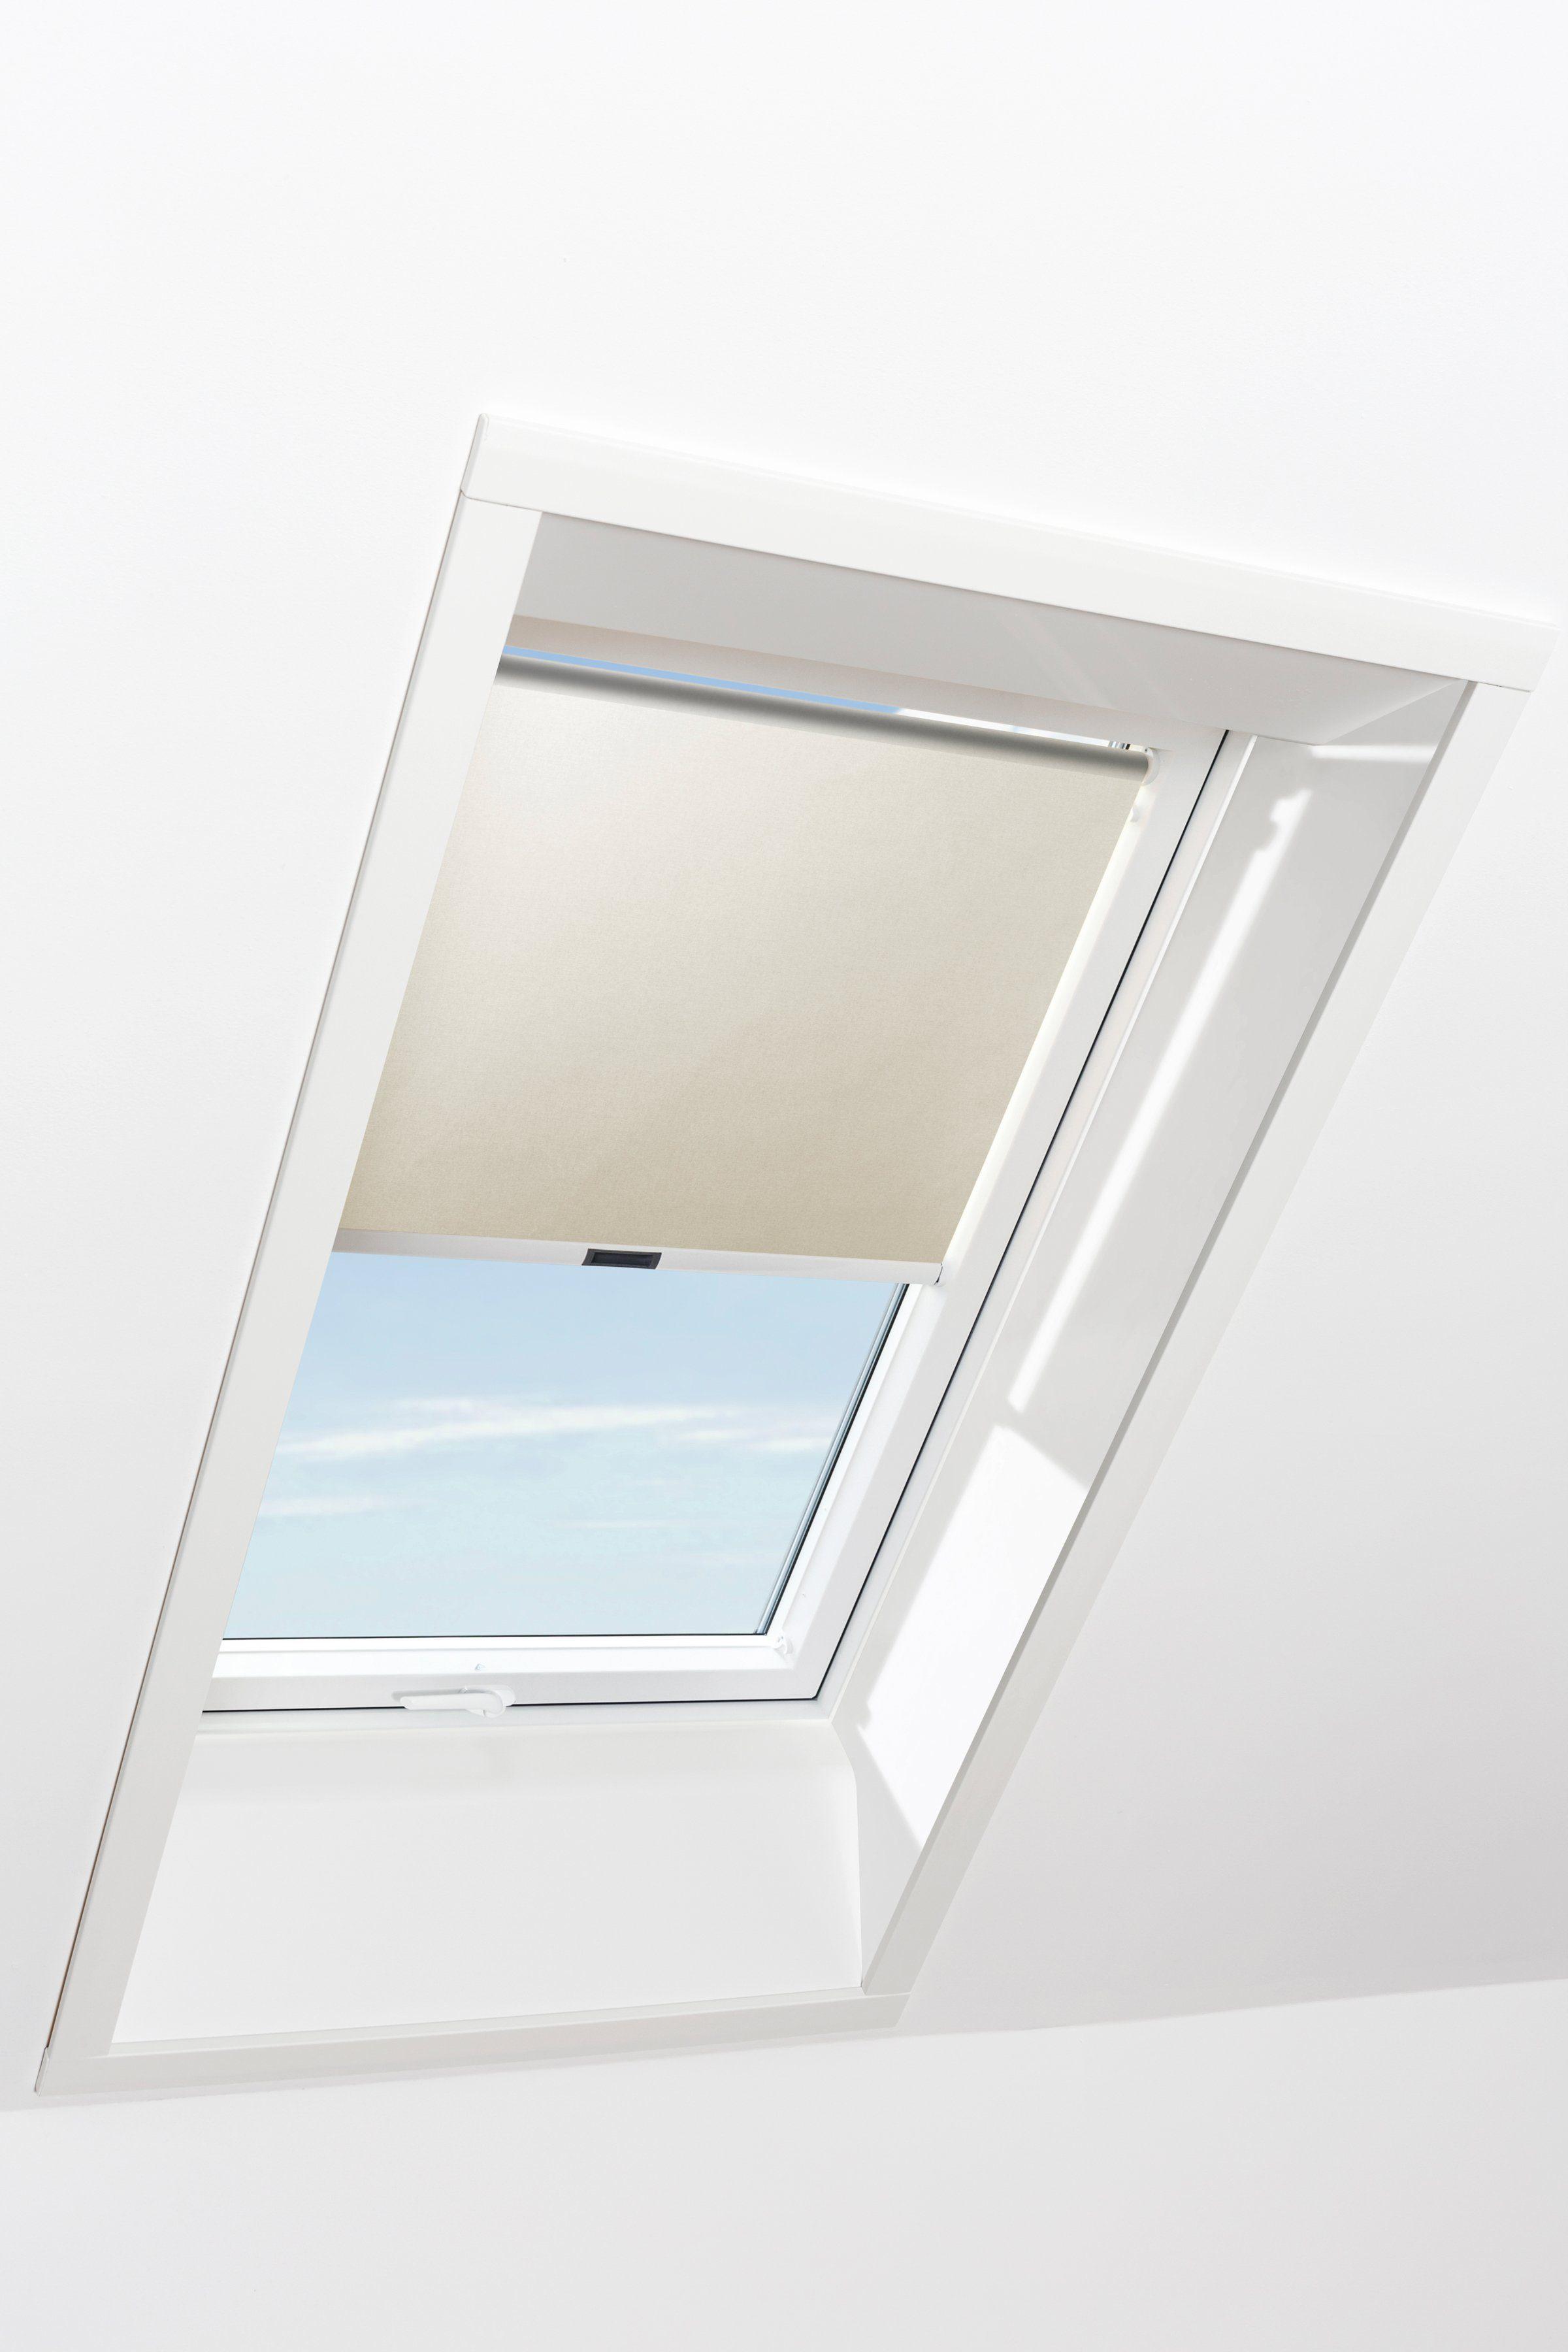 RORO Sichtschutzrollo »Typ SIRB911«, BxL: 94x118 cm, beige